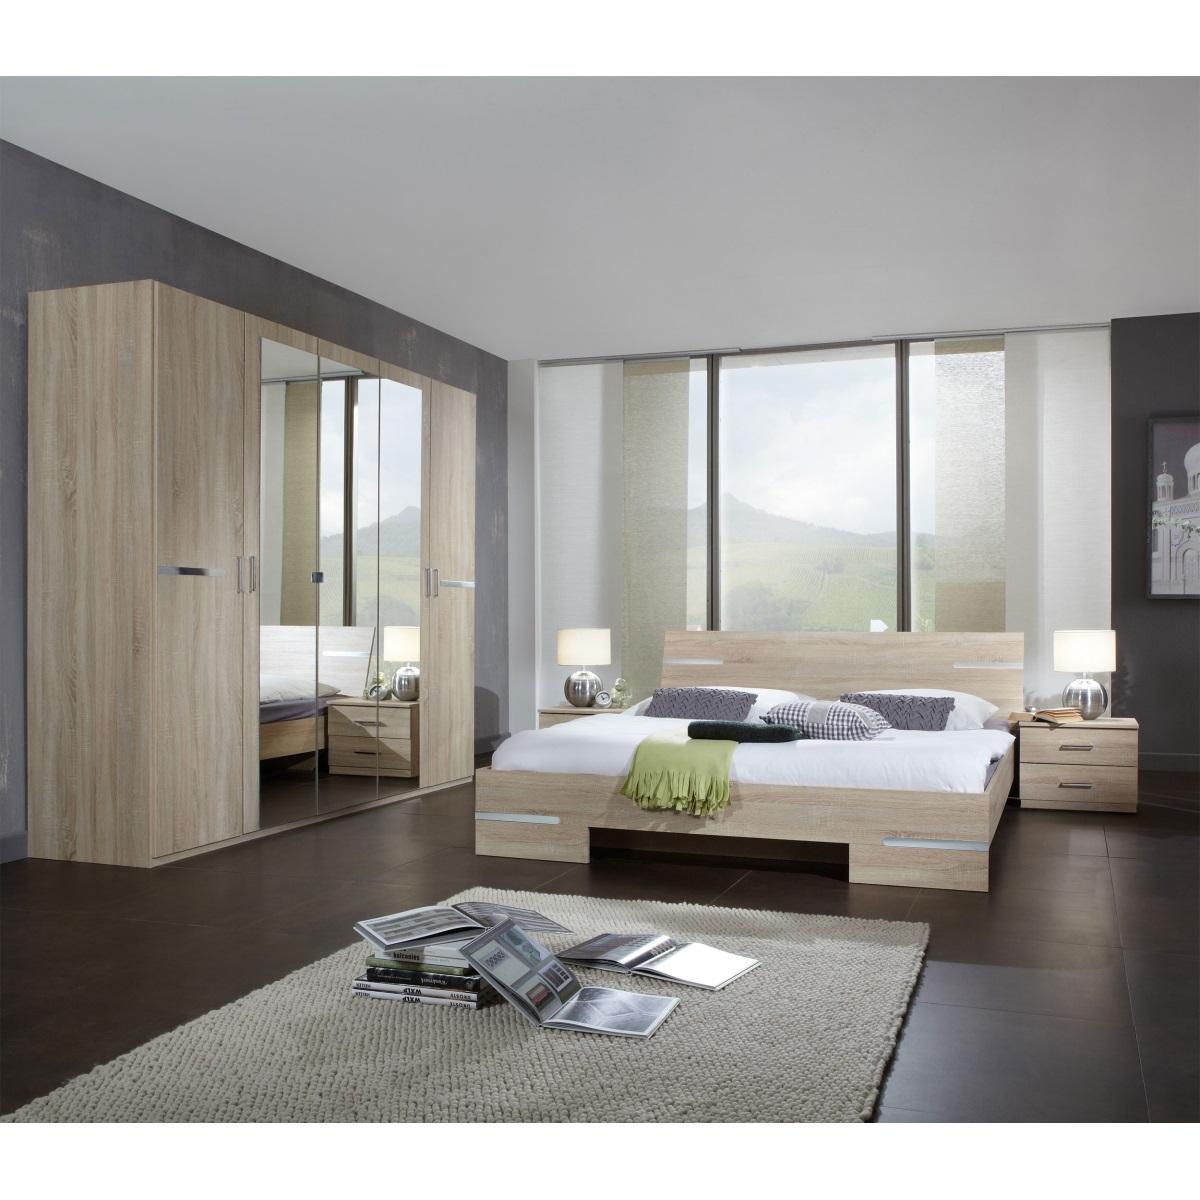 Full Size of Schlafzimmer Set Anna Eiche Sgerau Nachbildung Ca 180 200 Cm Nolte Deckenlampe Klimagerät Für Weißes Komplette Günstige Deckenleuchte Modern Luxus Gardinen Schlafzimmer Schlafzimmer Set